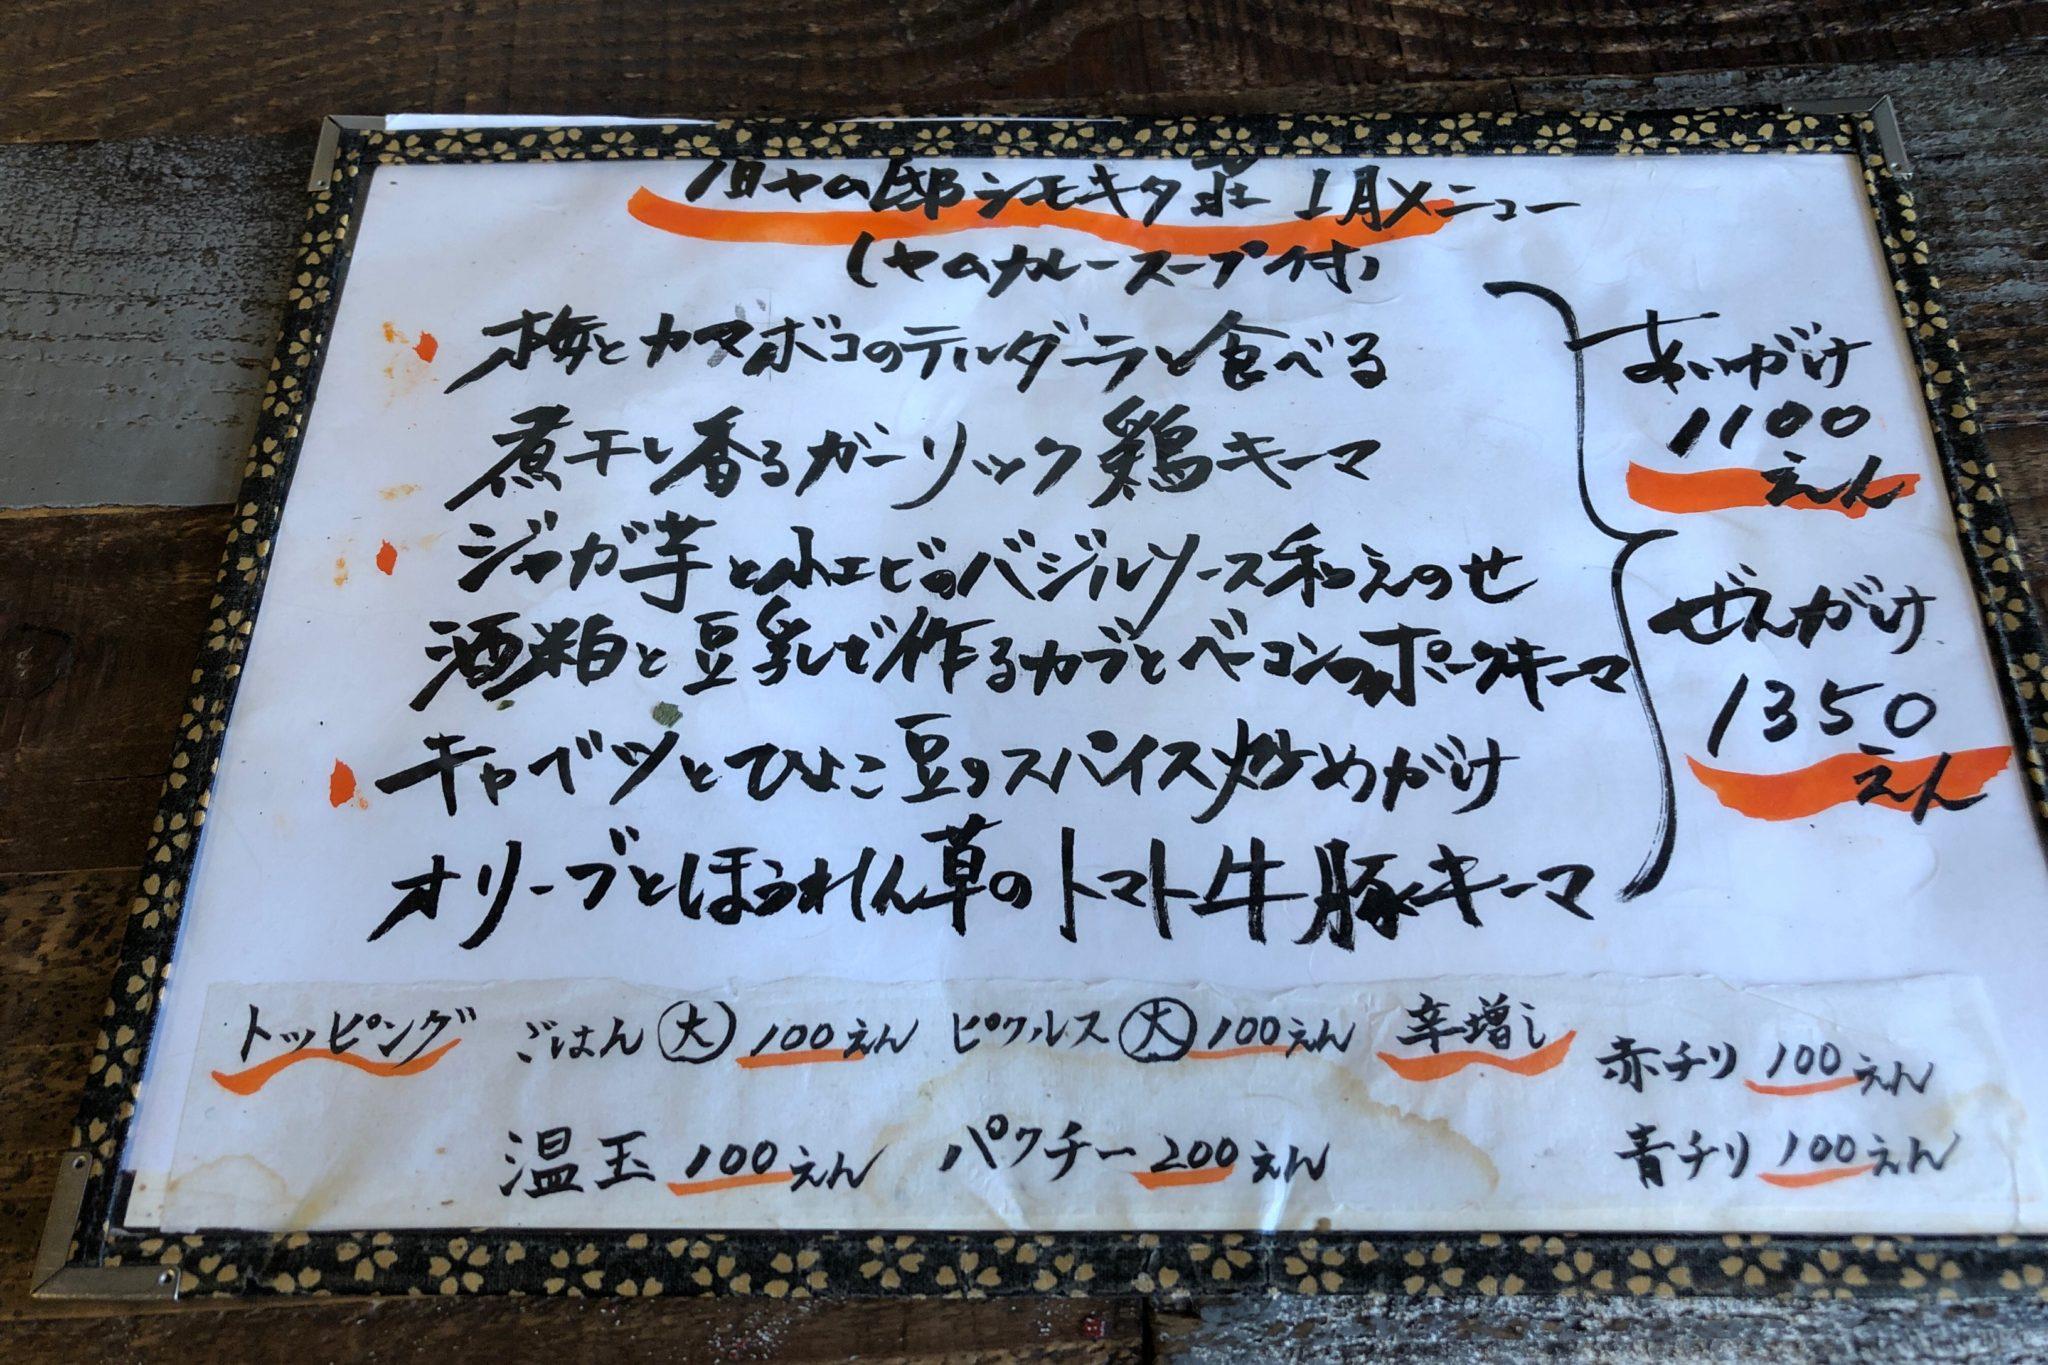 ヤム シモキタ 旧 荘 邸 69. 旧ヤム邸シモキタ荘魚介出汁そそるグリーンHOTなポークキーマ